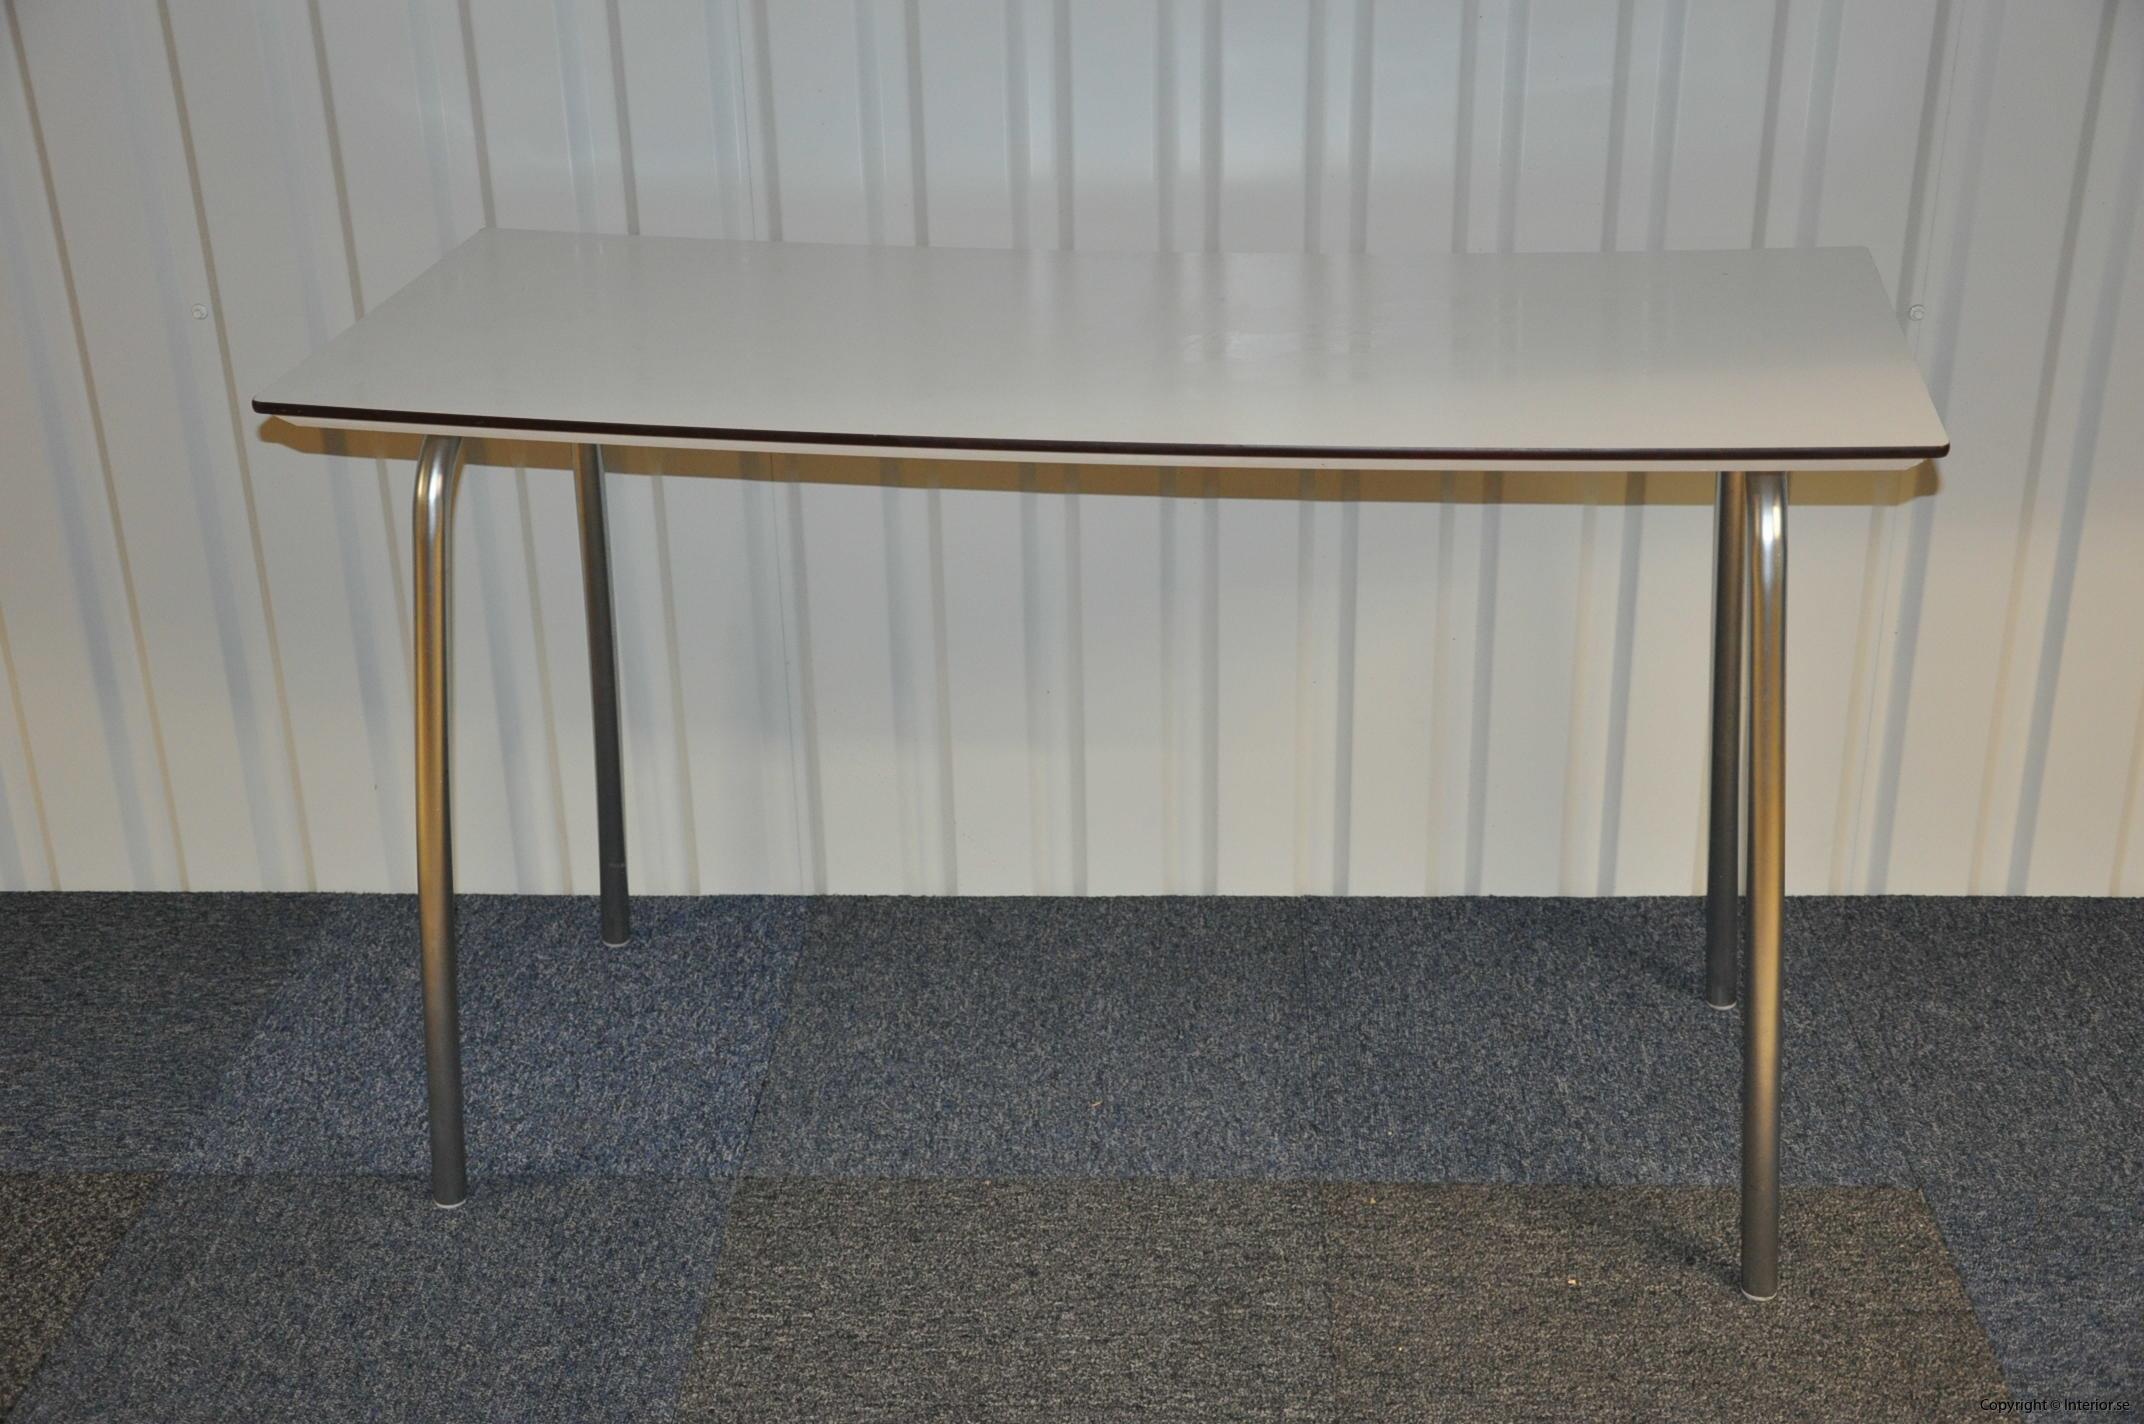 Hopfällbara bord, fällbara konferensbord, vit laminat 120 x 70 cm